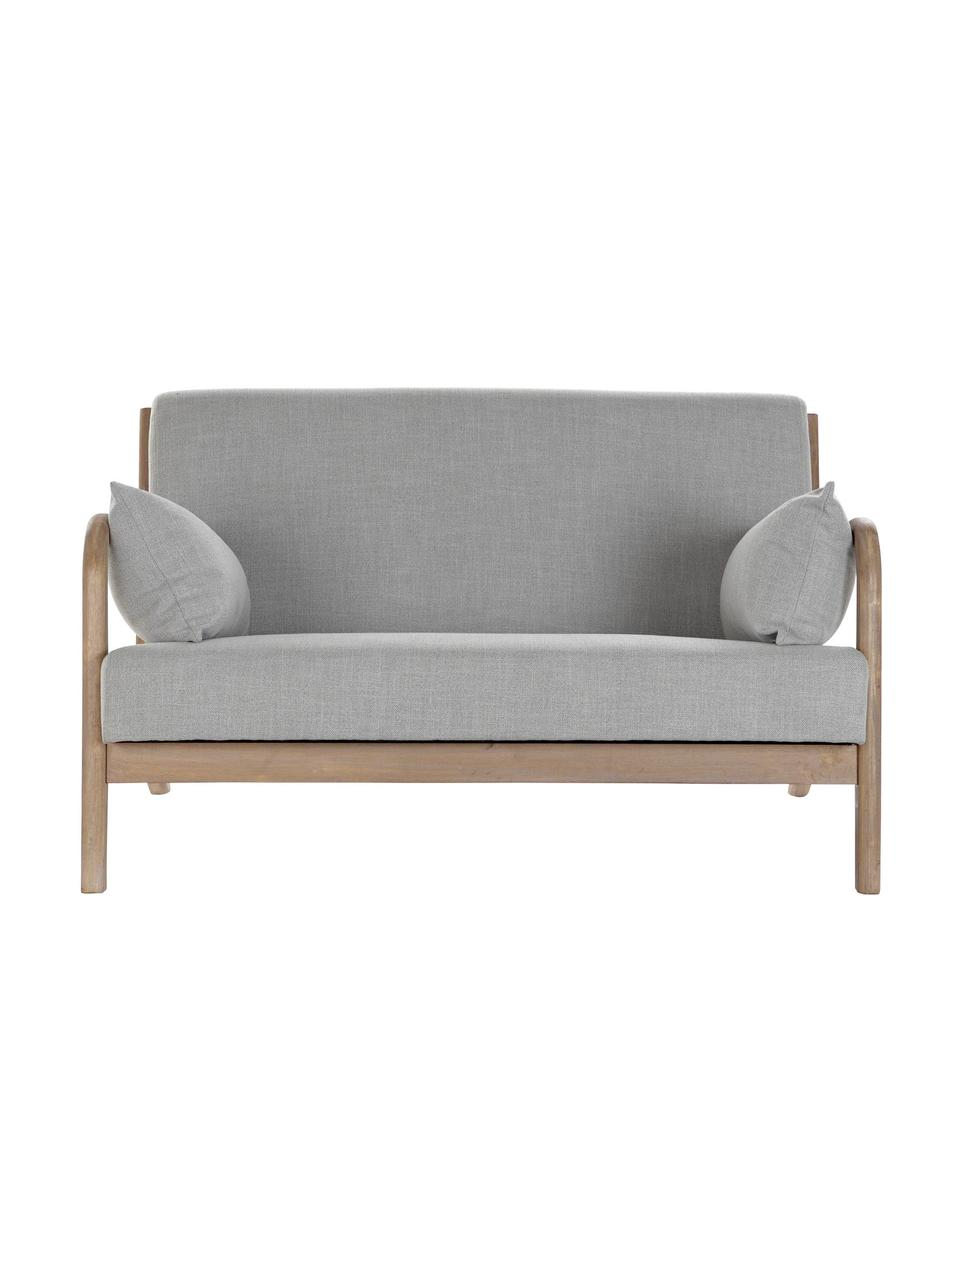 Divano 2 posti in lino grigio chiaro Betty, Rivestimento: lino, Struttura: legno di albero della gom, Grigio, Larg. 122 x Prof. 83 cm